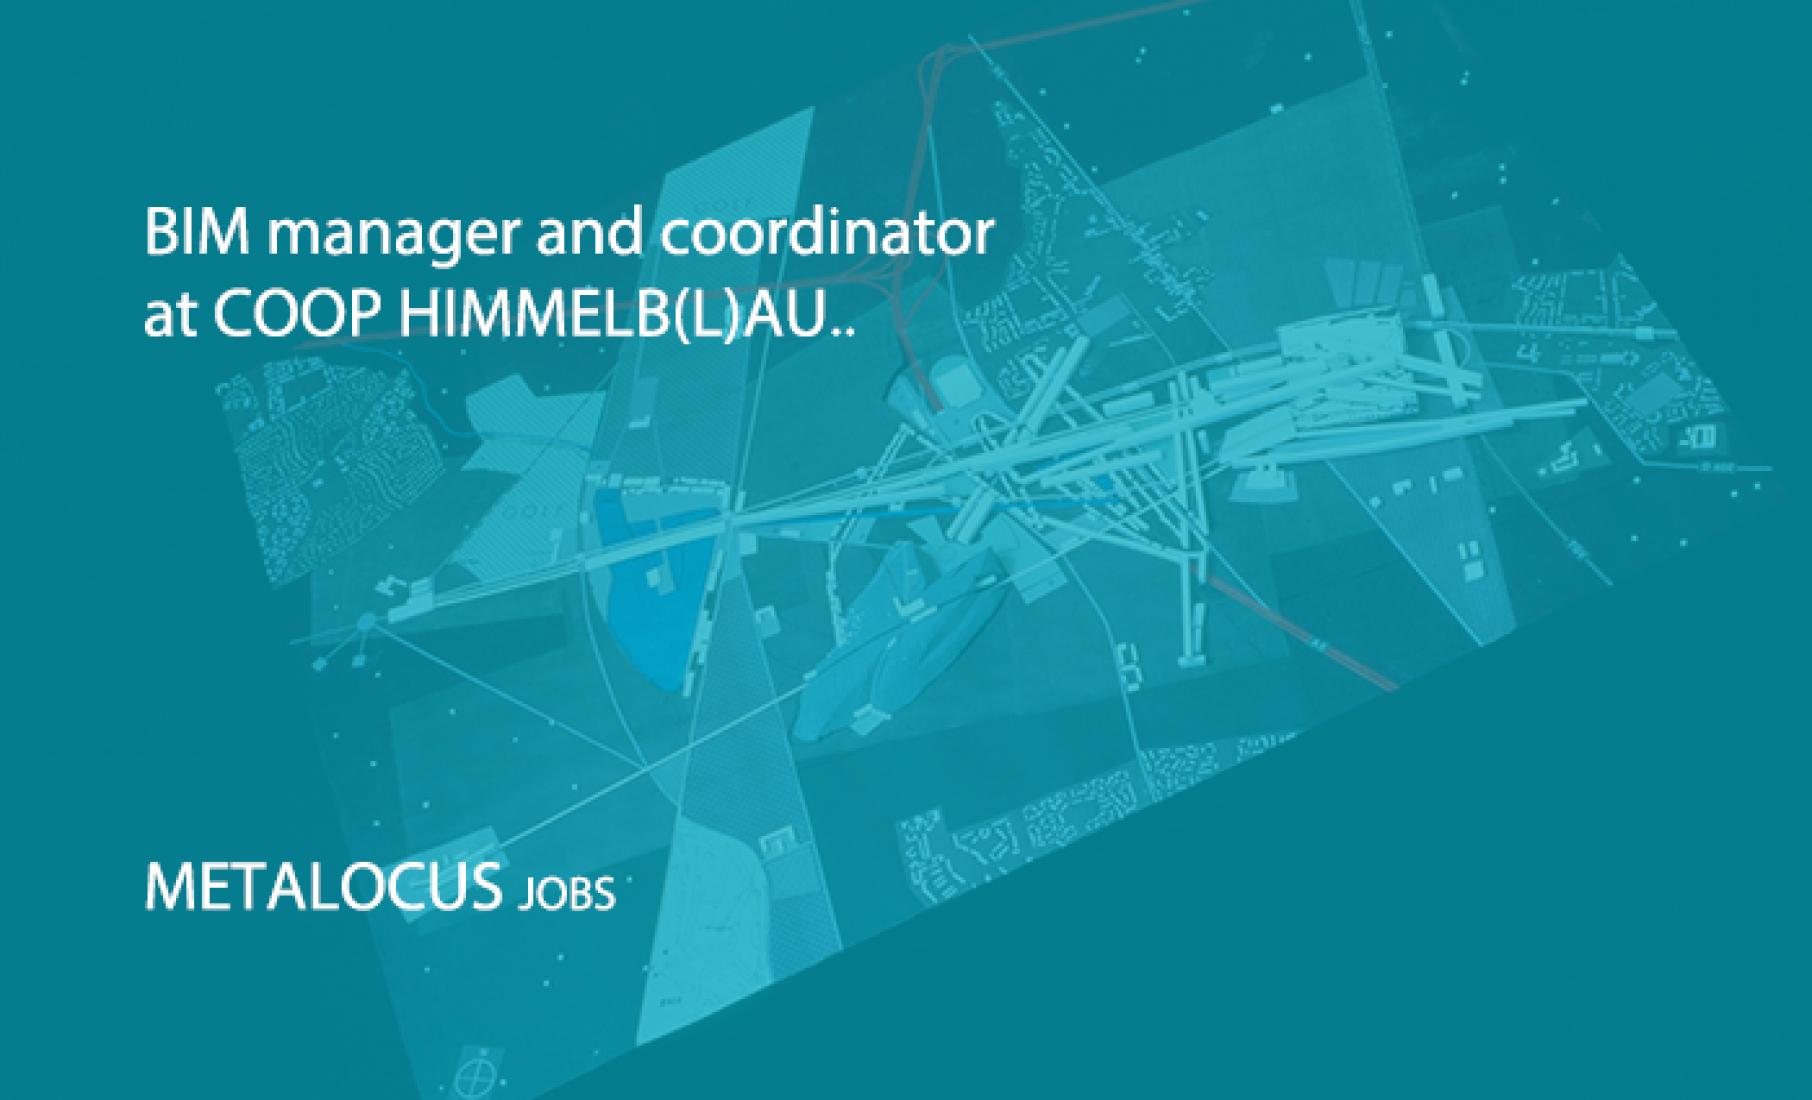 BIM manager y coordinador en COOP HIMMELB(L)AU